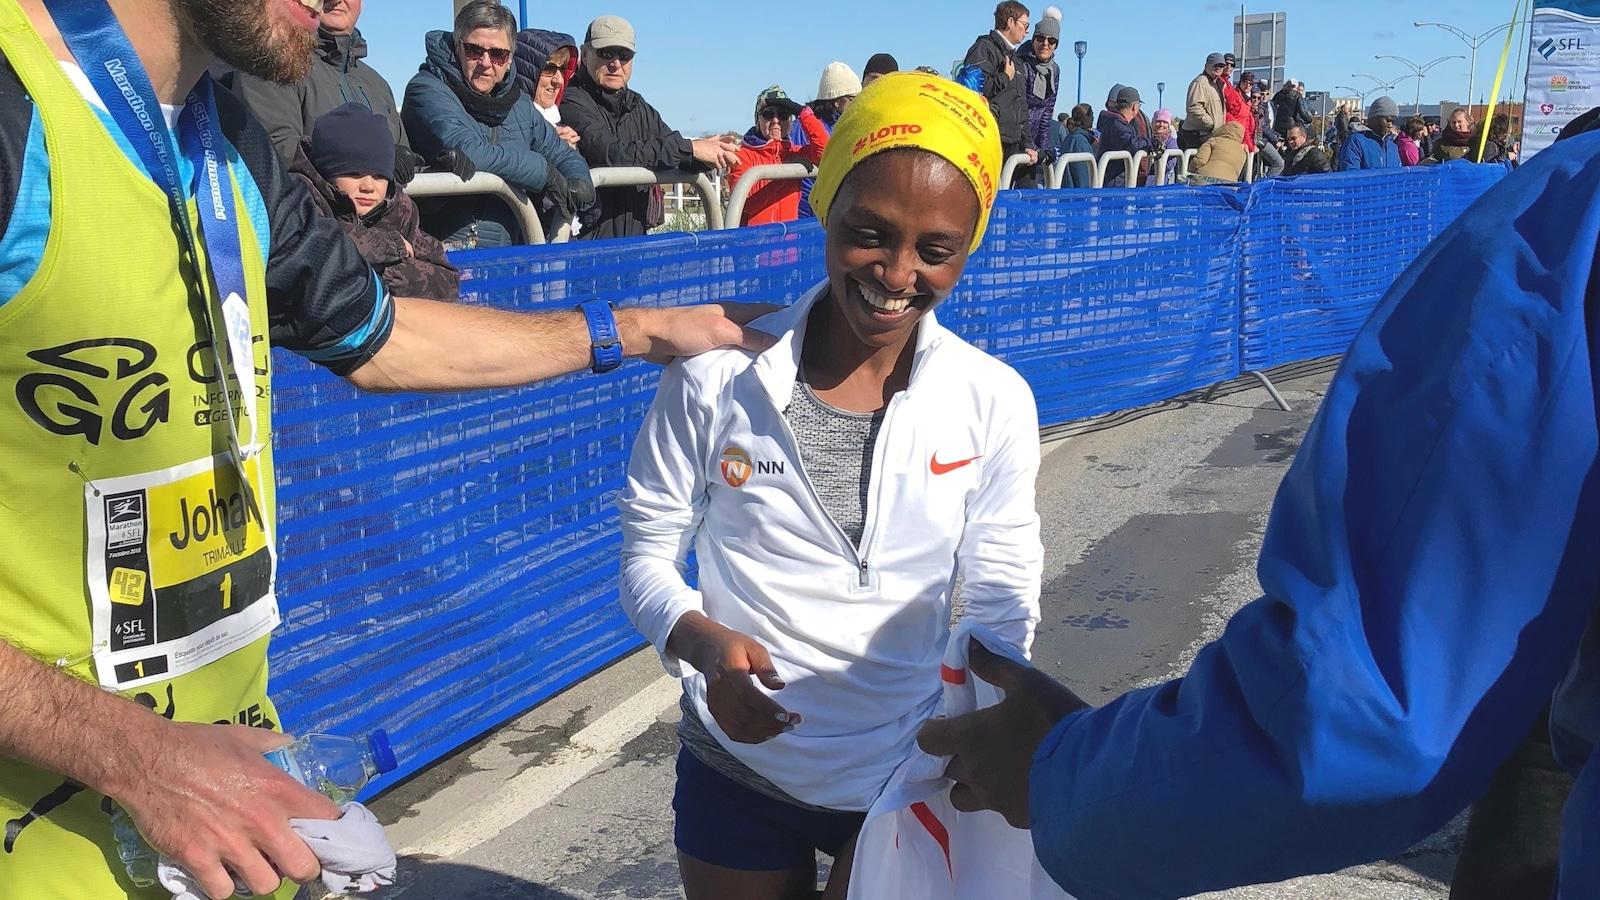 La gagnante, quelques instants après avoir franchi le fil d'arrivée, affiche un large sourire.